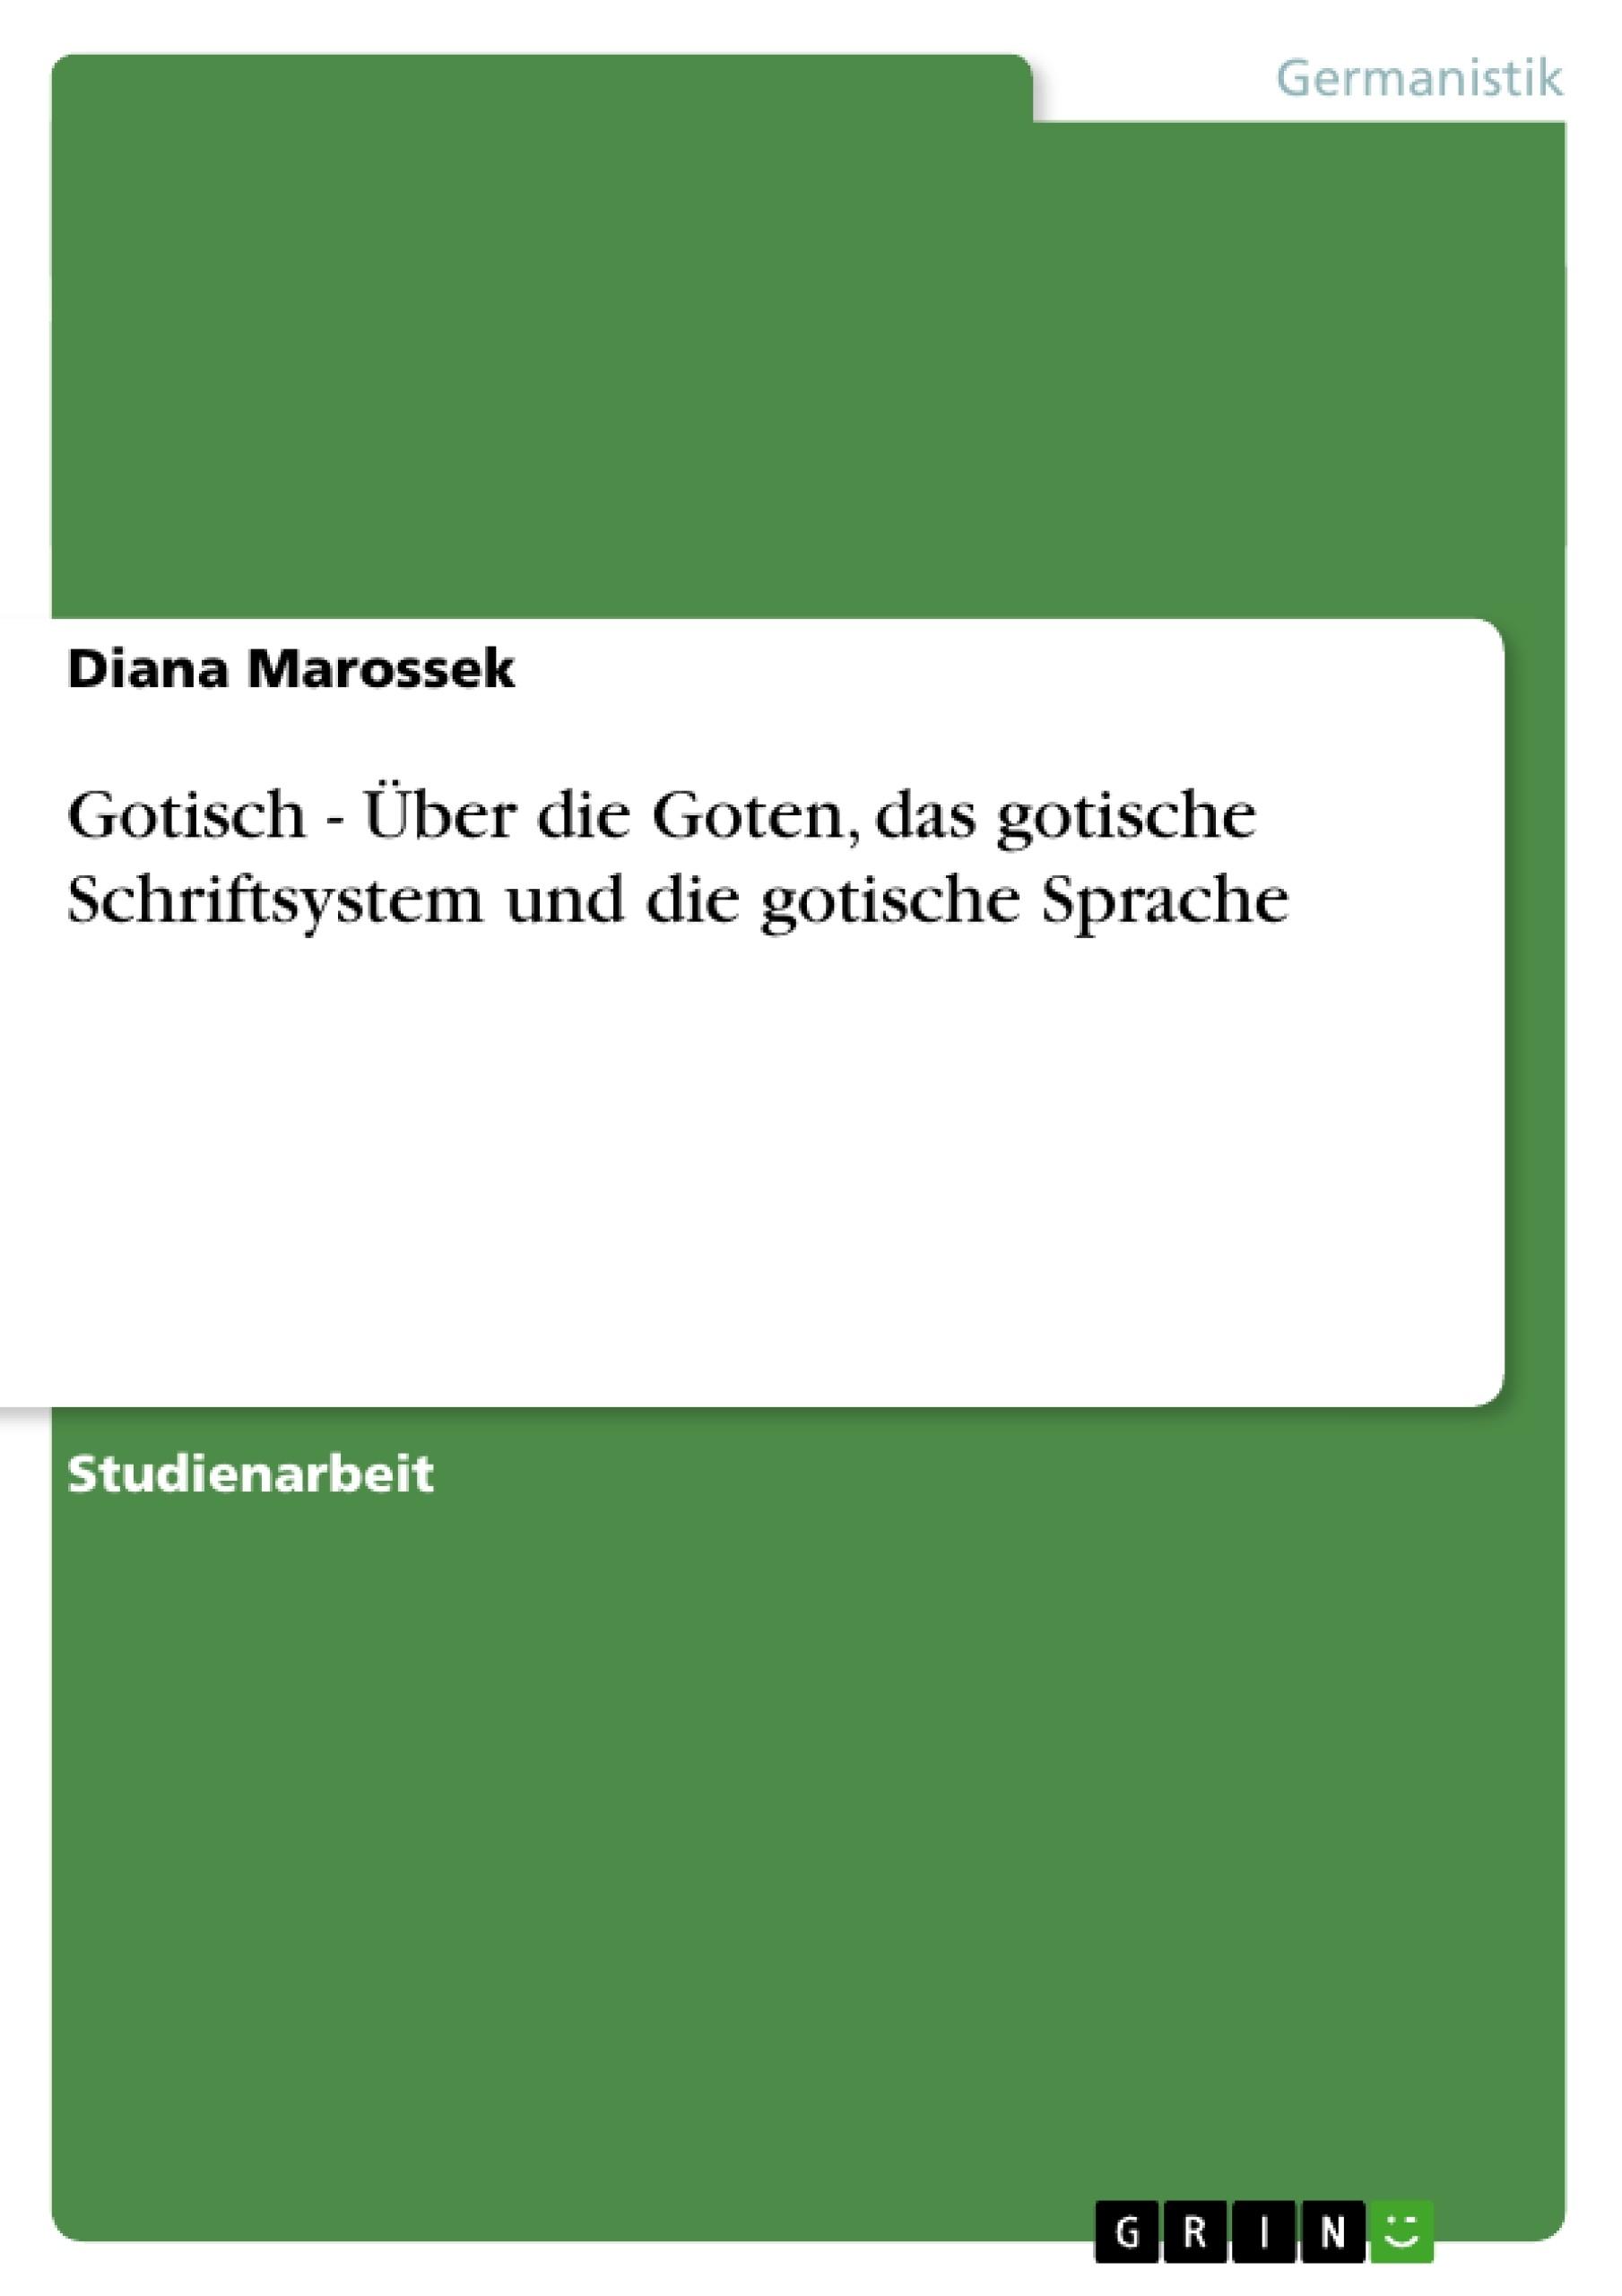 Titel: Gotisch - Über die Goten, das gotische Schriftsystem und die gotische Sprache